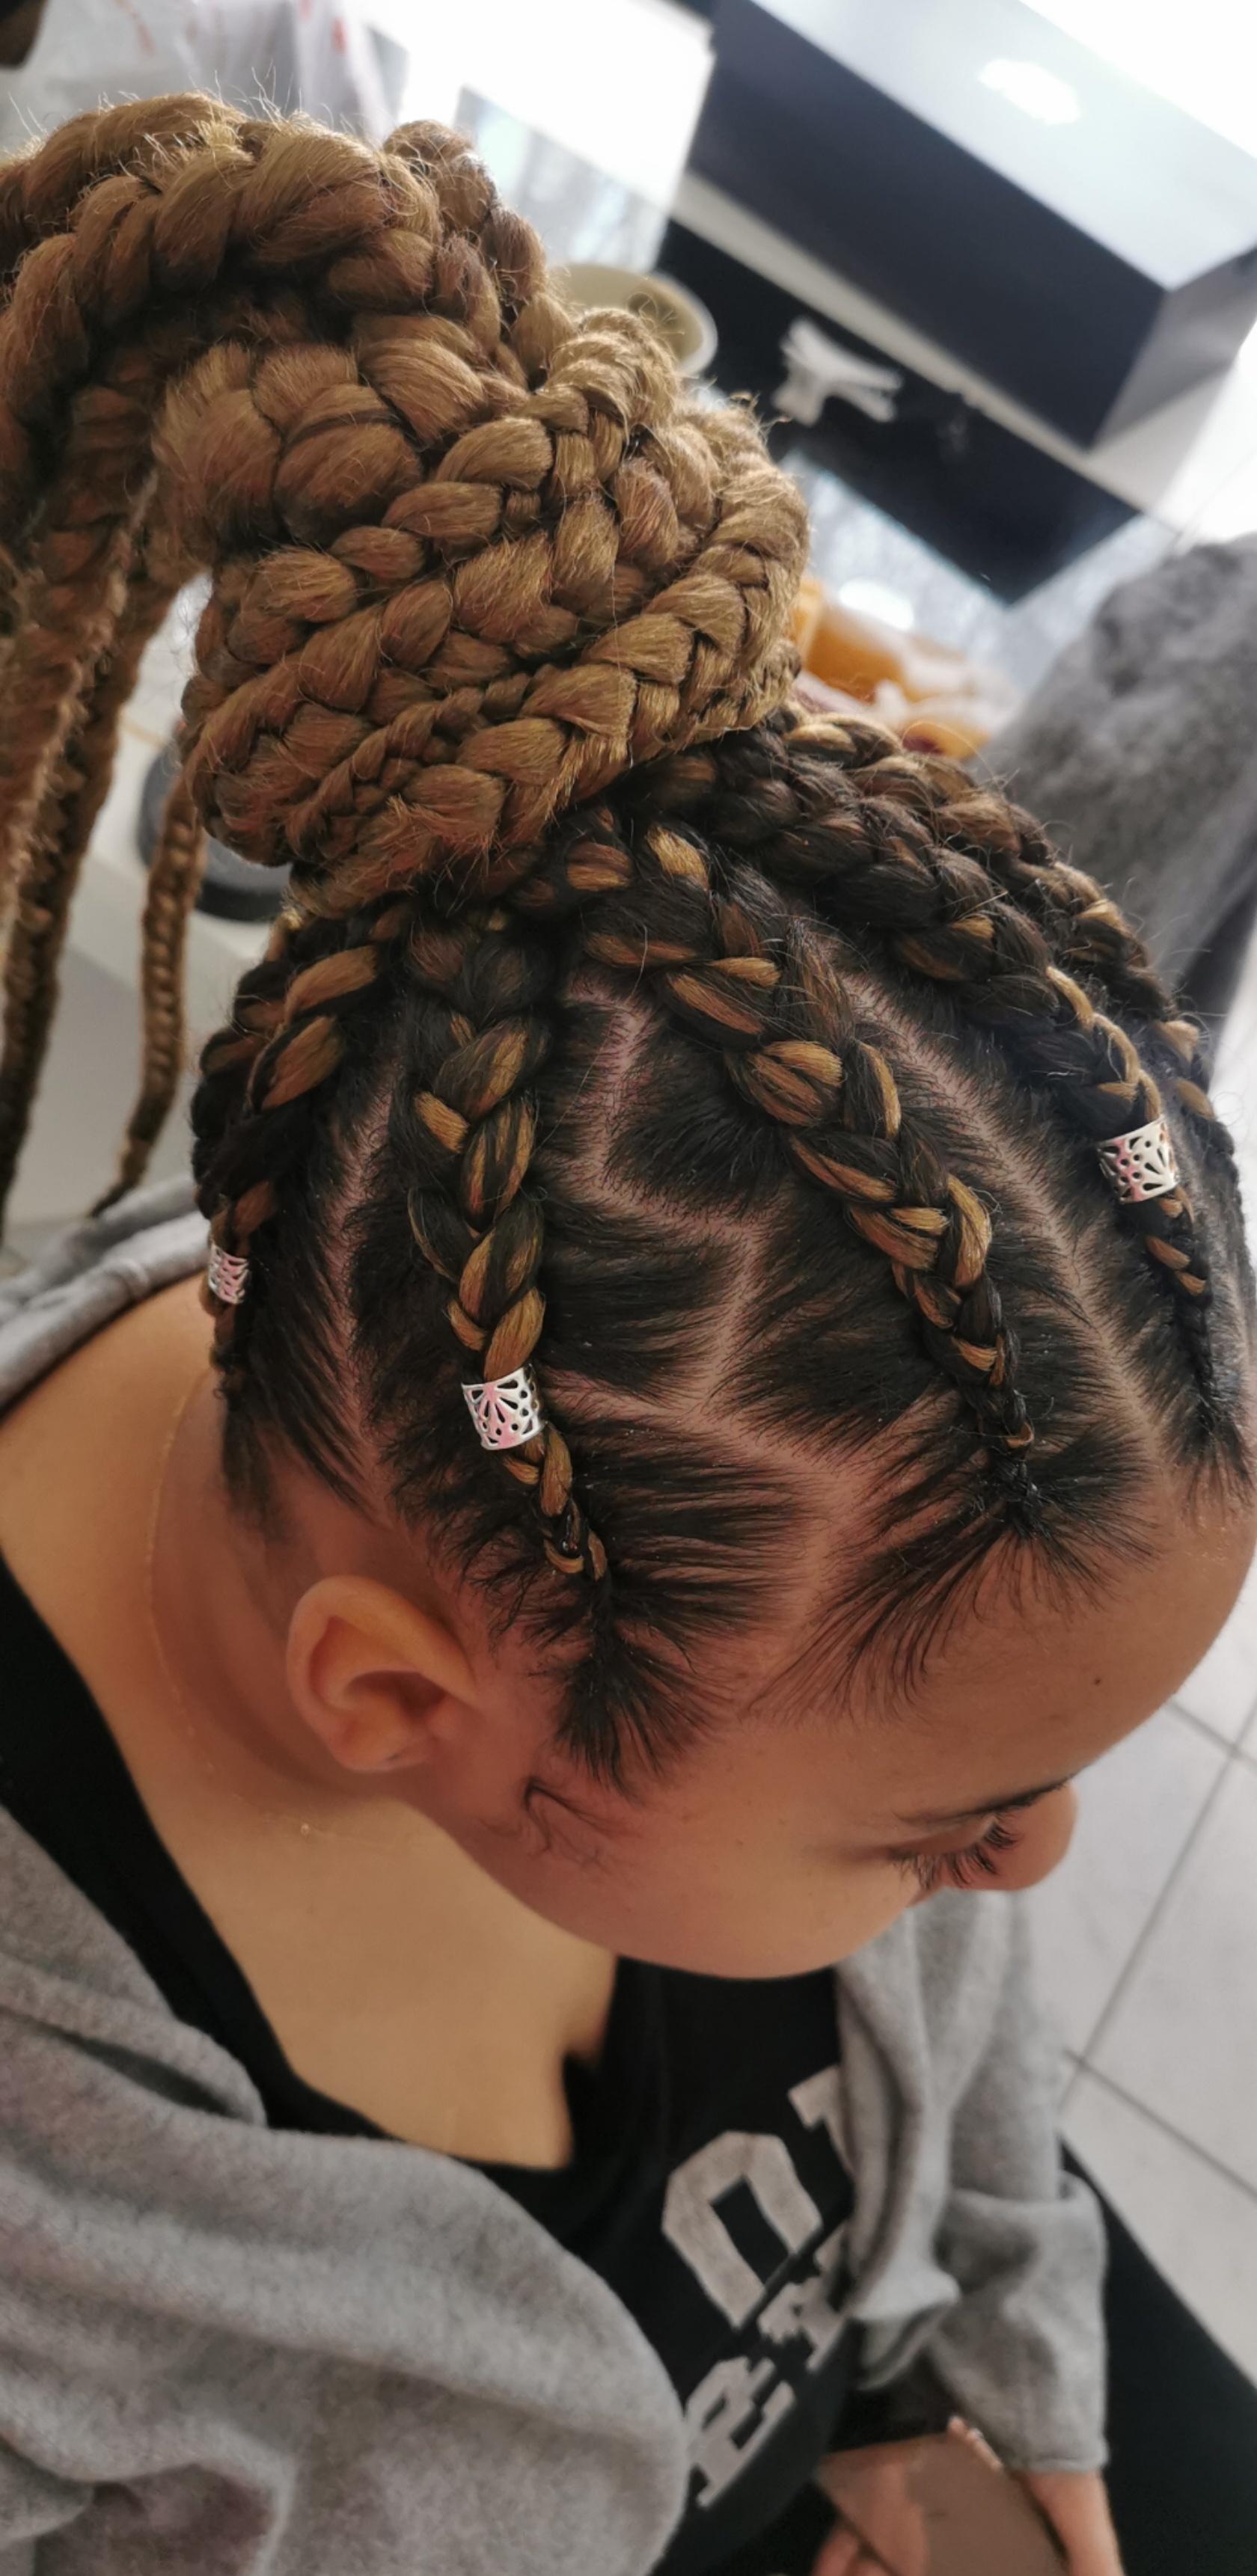 salon de coiffure afro tresse tresses box braids crochet braids vanilles tissages paris 75 77 78 91 92 93 94 95 BLGRBTNM